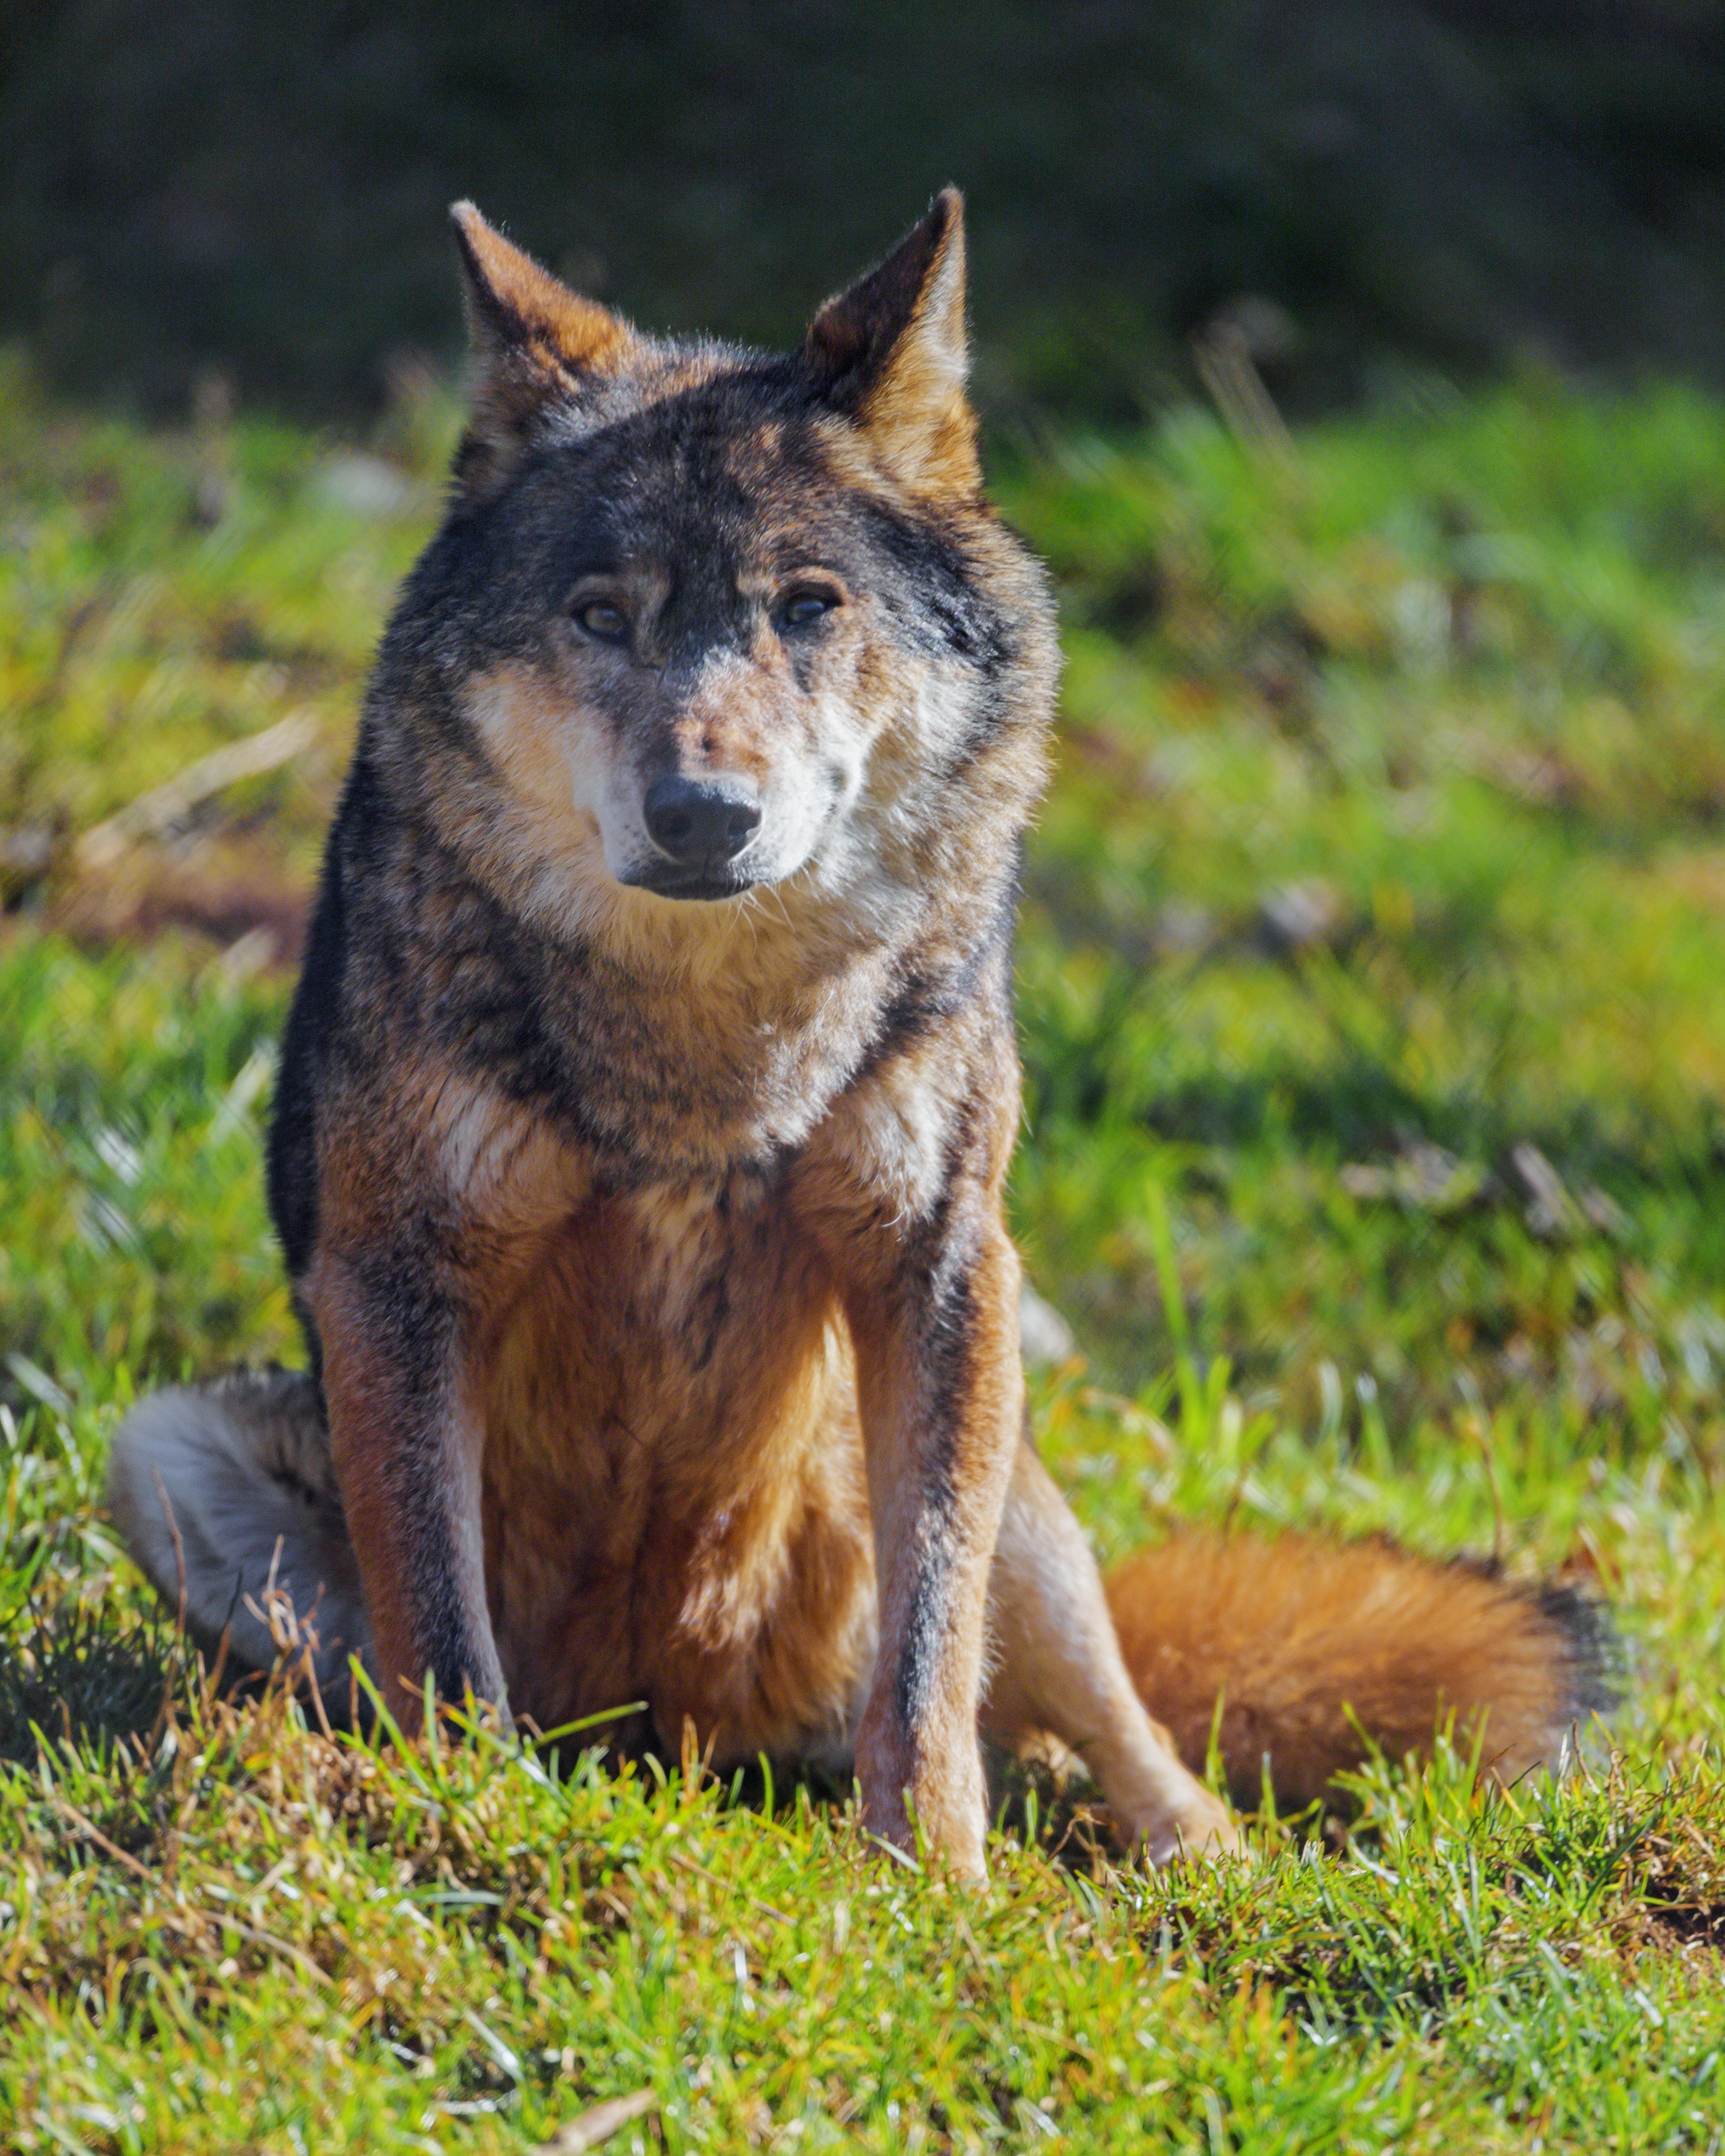 59403 скачать обои Животные, Волк, Животное, Хищник, Дикая Природа - заставки и картинки бесплатно